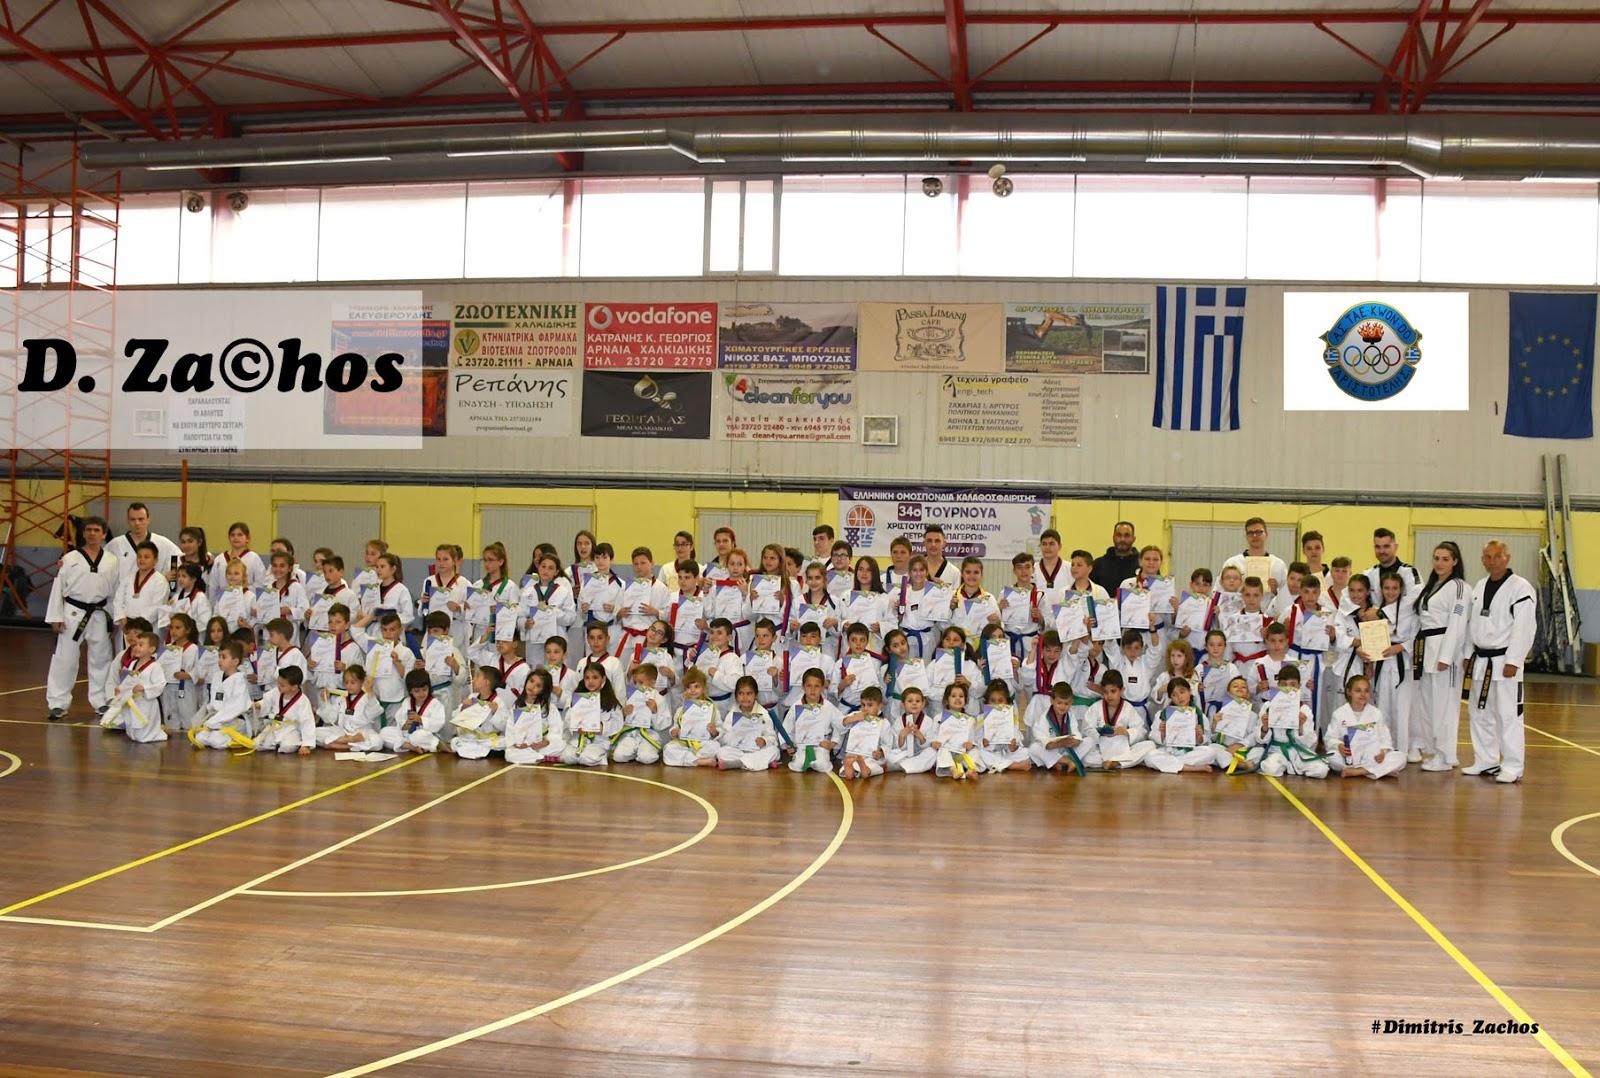 Προαγωγικές εξετάσεις Α.Σ. Taekwondo ¨Αριστοτέλης¨.